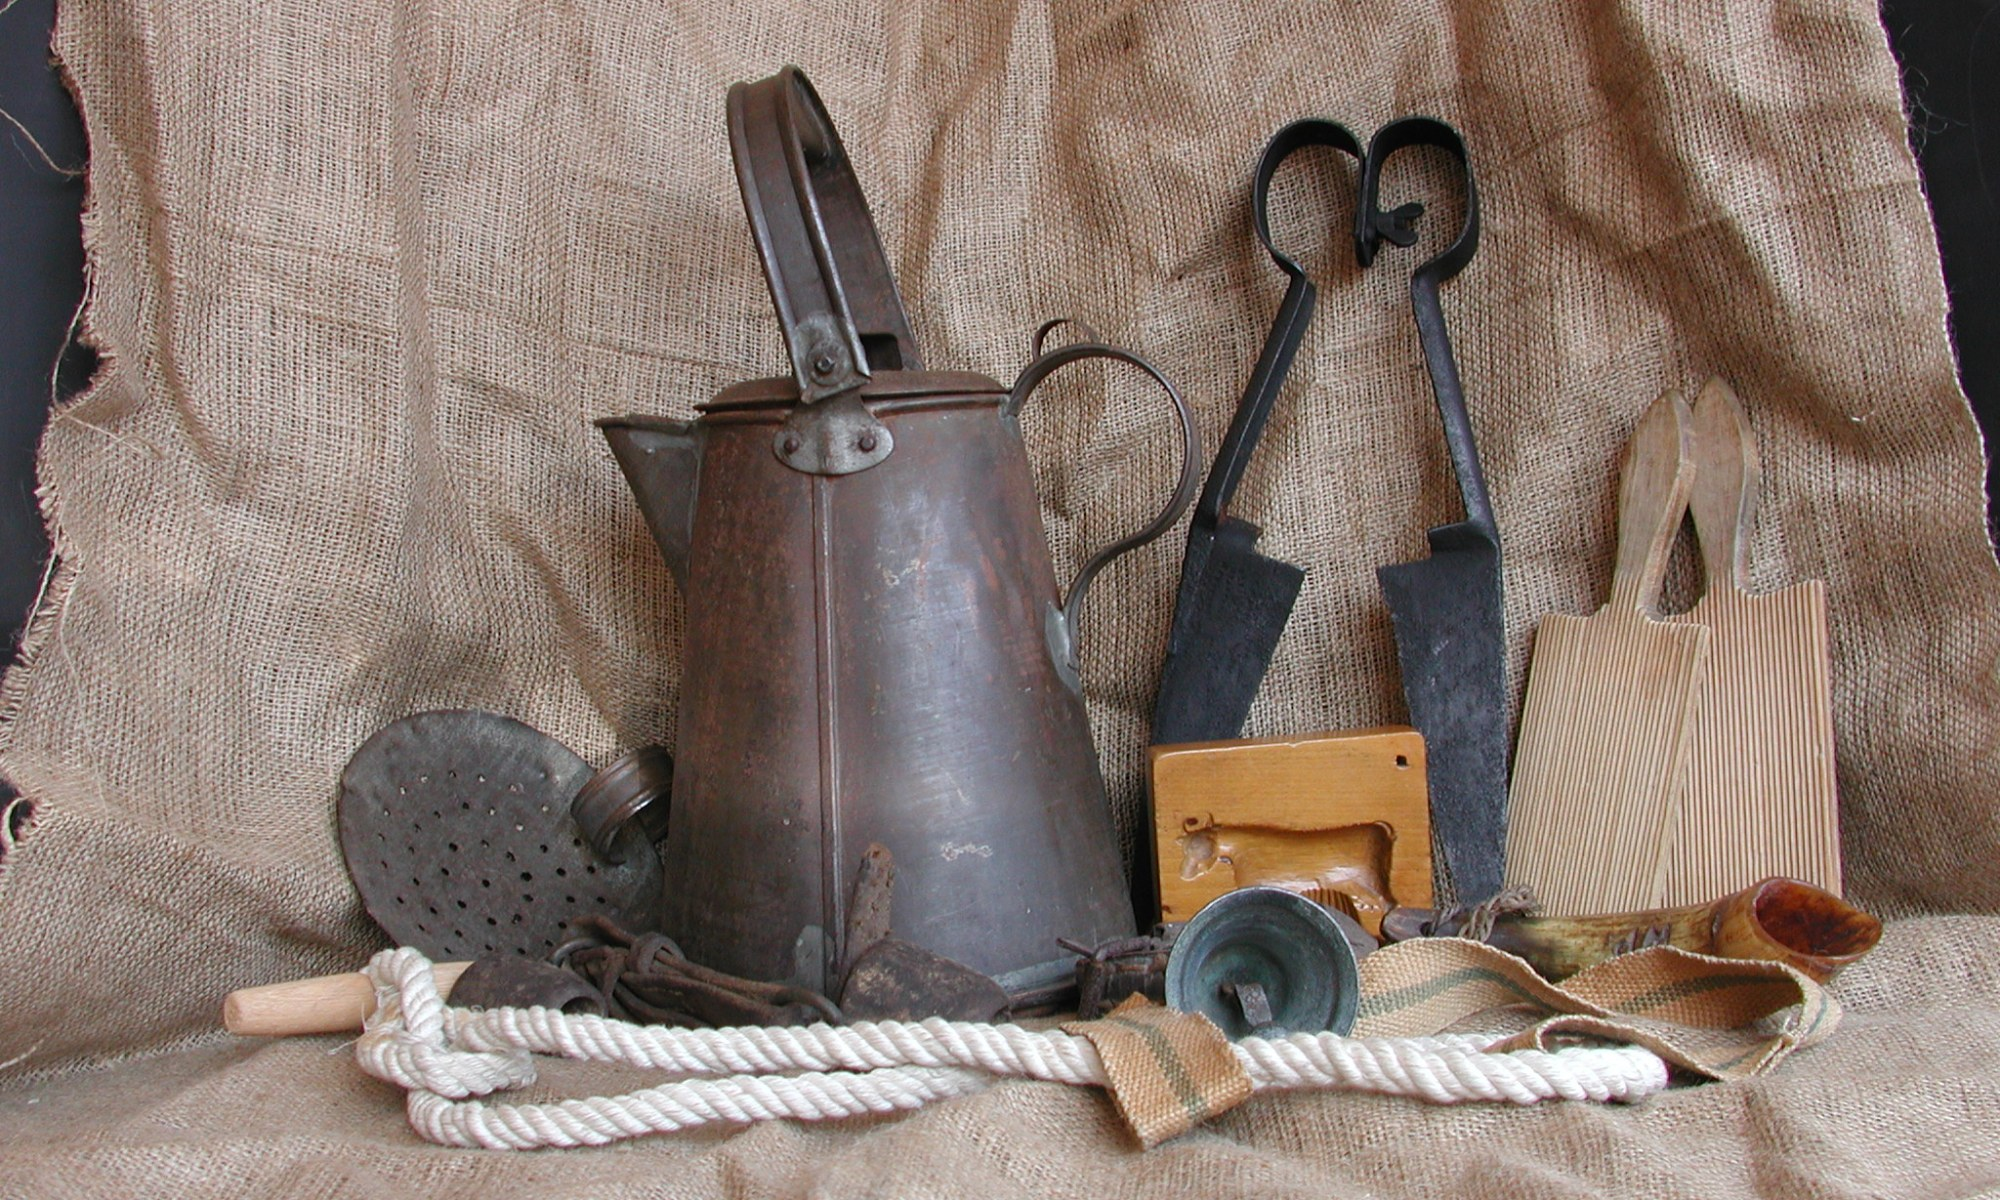 farming objects